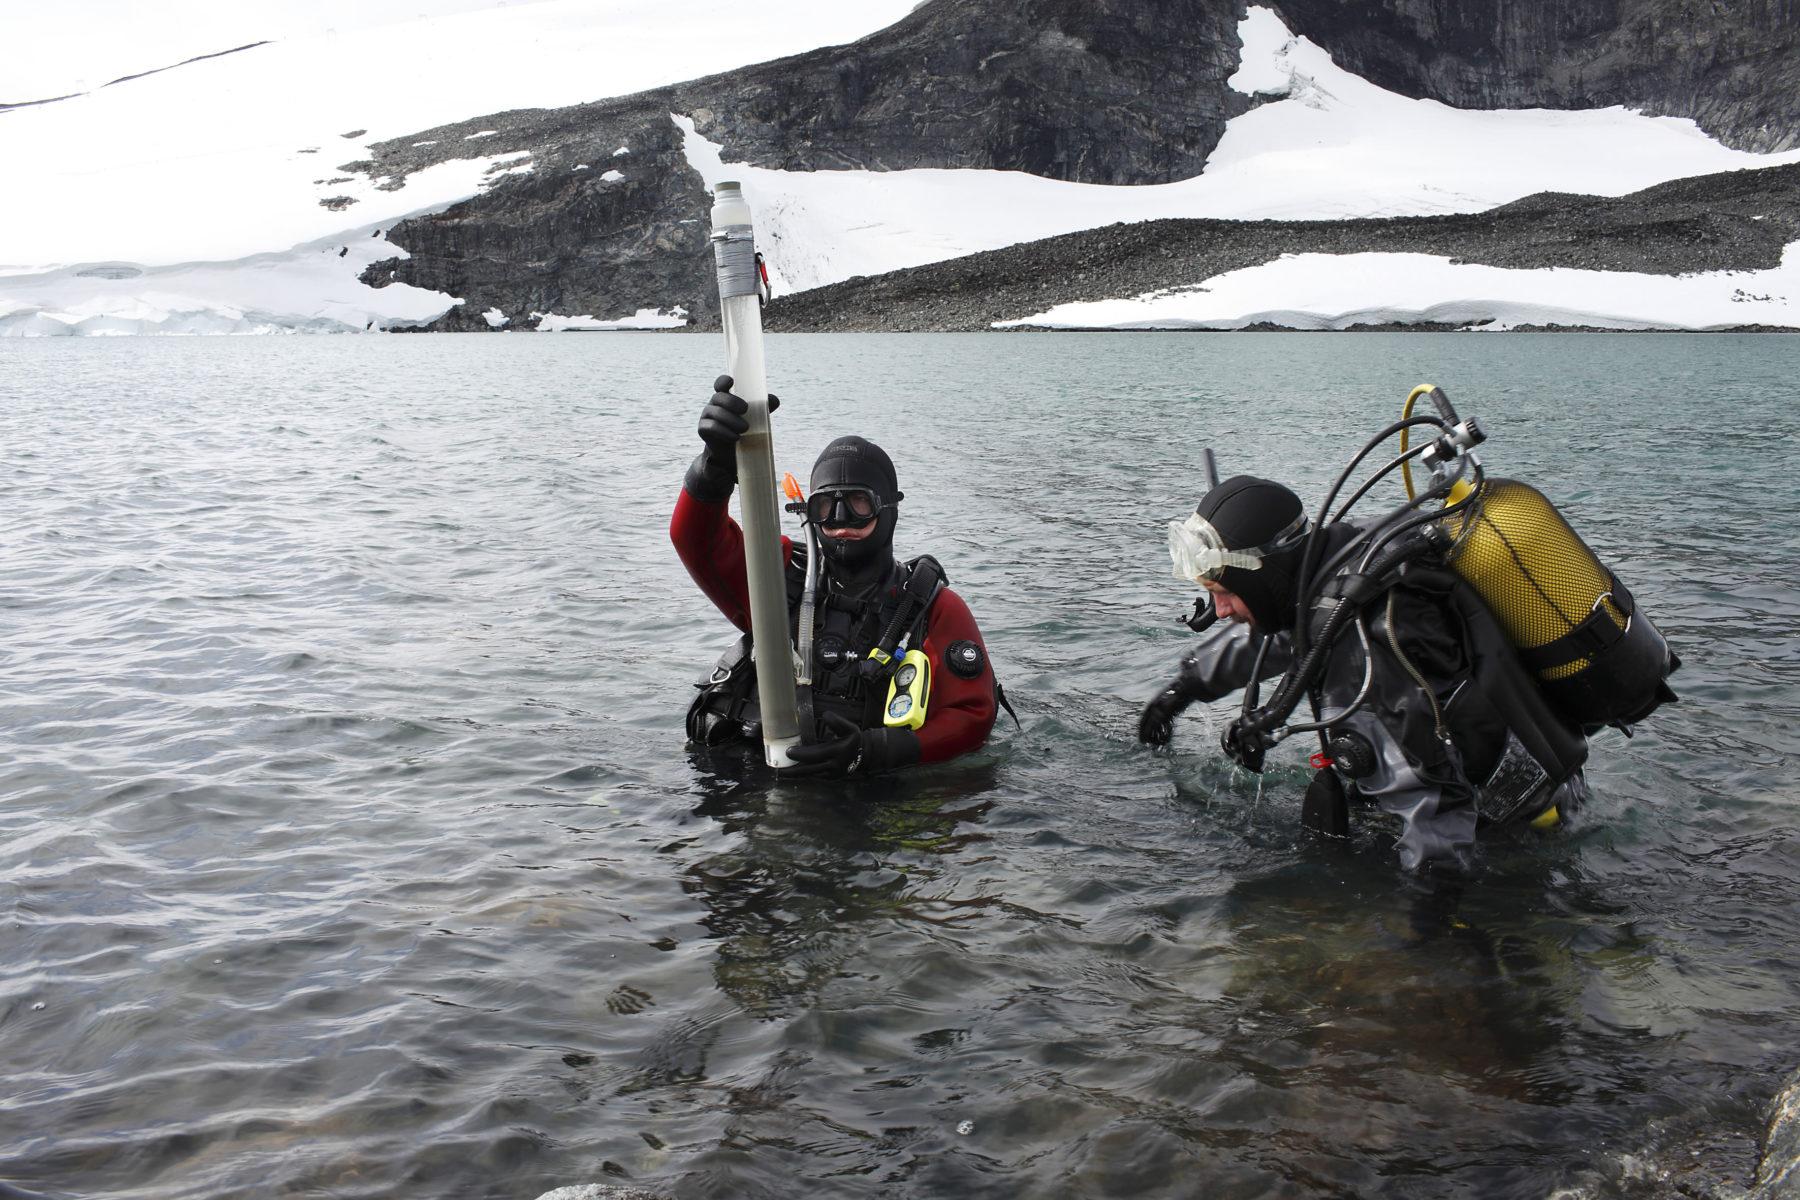 En trenger ikke dra til arktiske områder for å se hvordan klimaendringene påvirker naturen og miljøet. De samme prosessene er tydelige i det norske høyfjell. Prognosene tilsier mildere somre, økt nedsmelting av breer og fonner, økt vinternedbør, høyere tregrenser og mer ekstremvær.